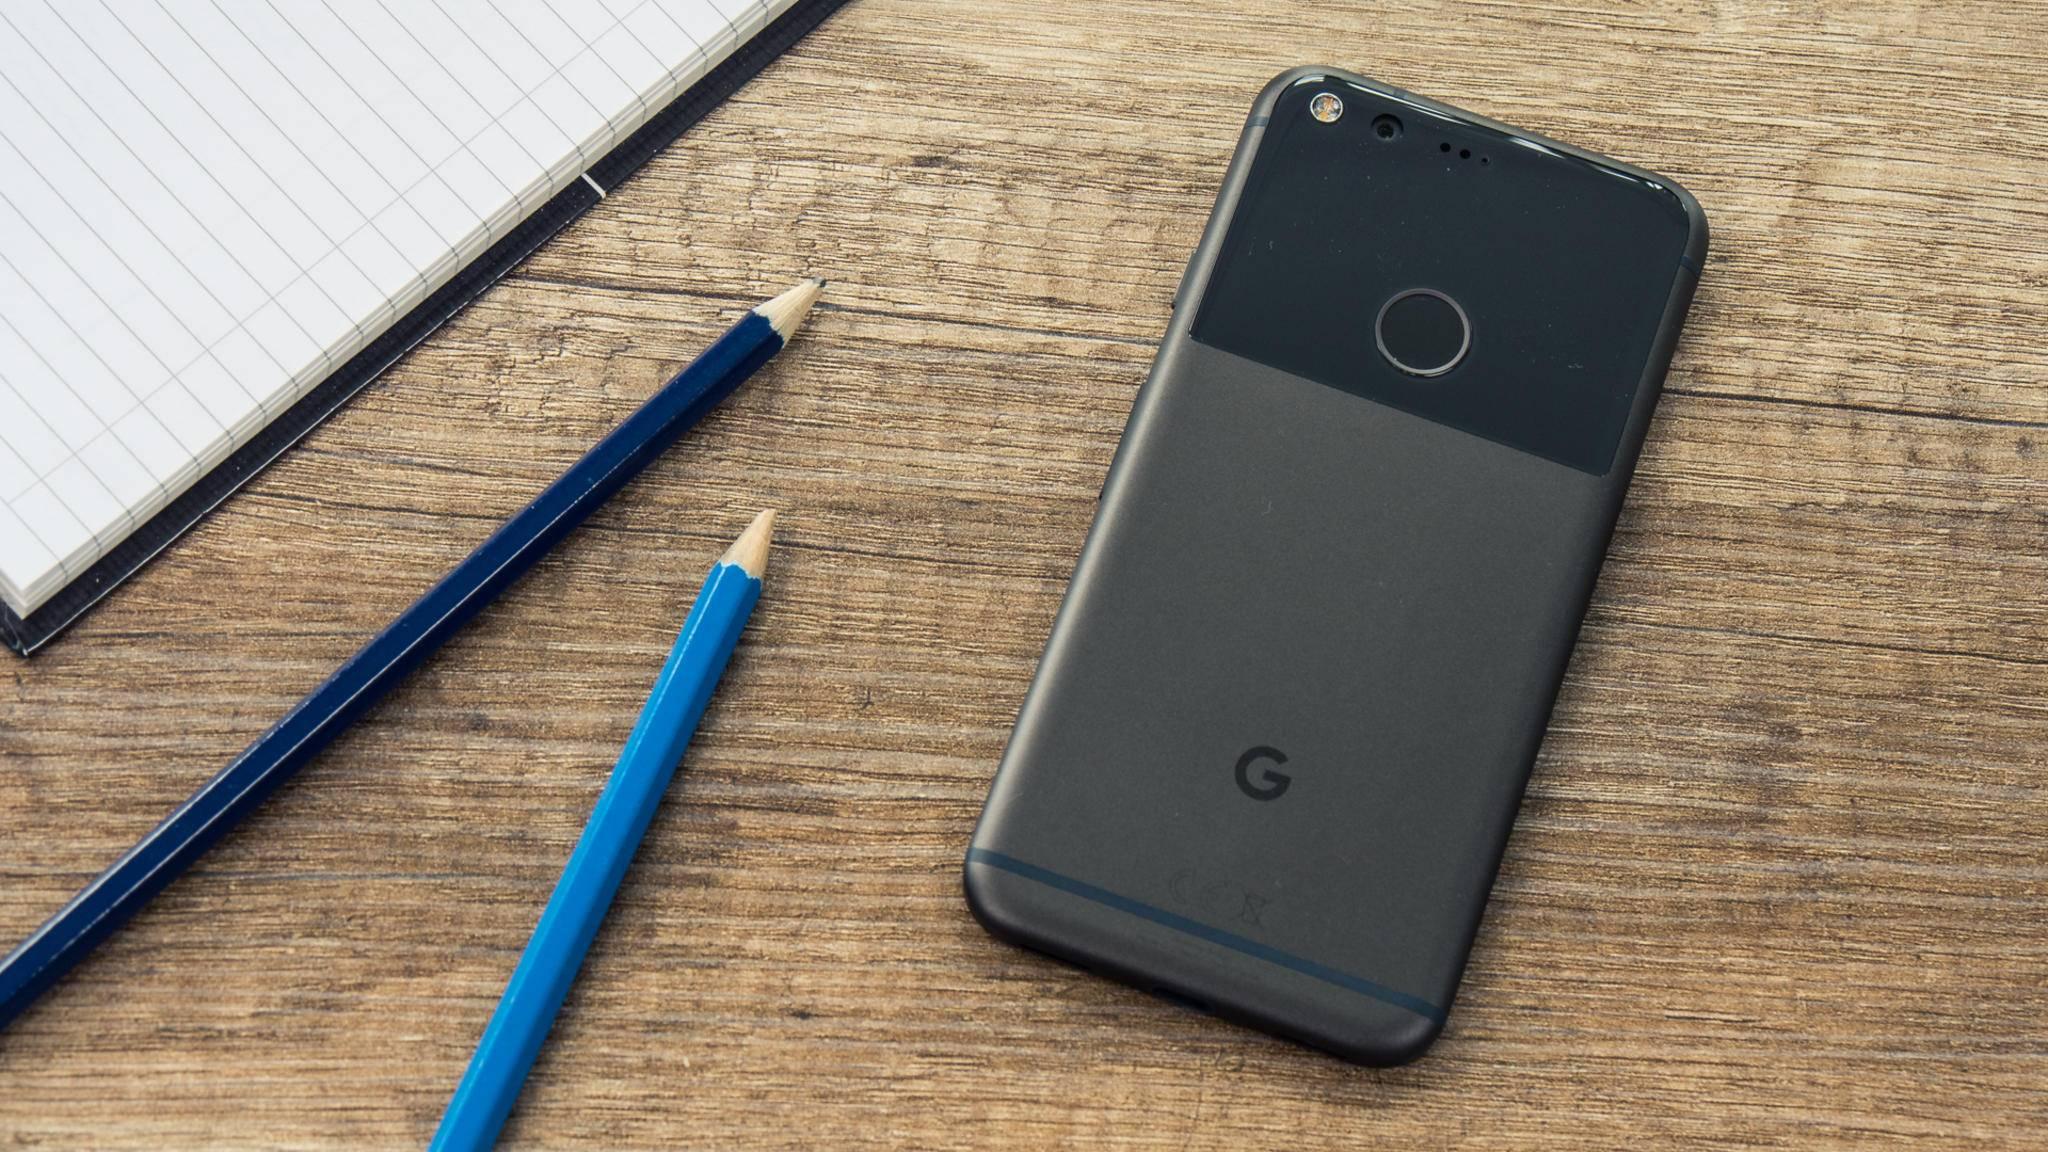 Wird das Google Pixel 2 eine neue Eingabemethode einführen?